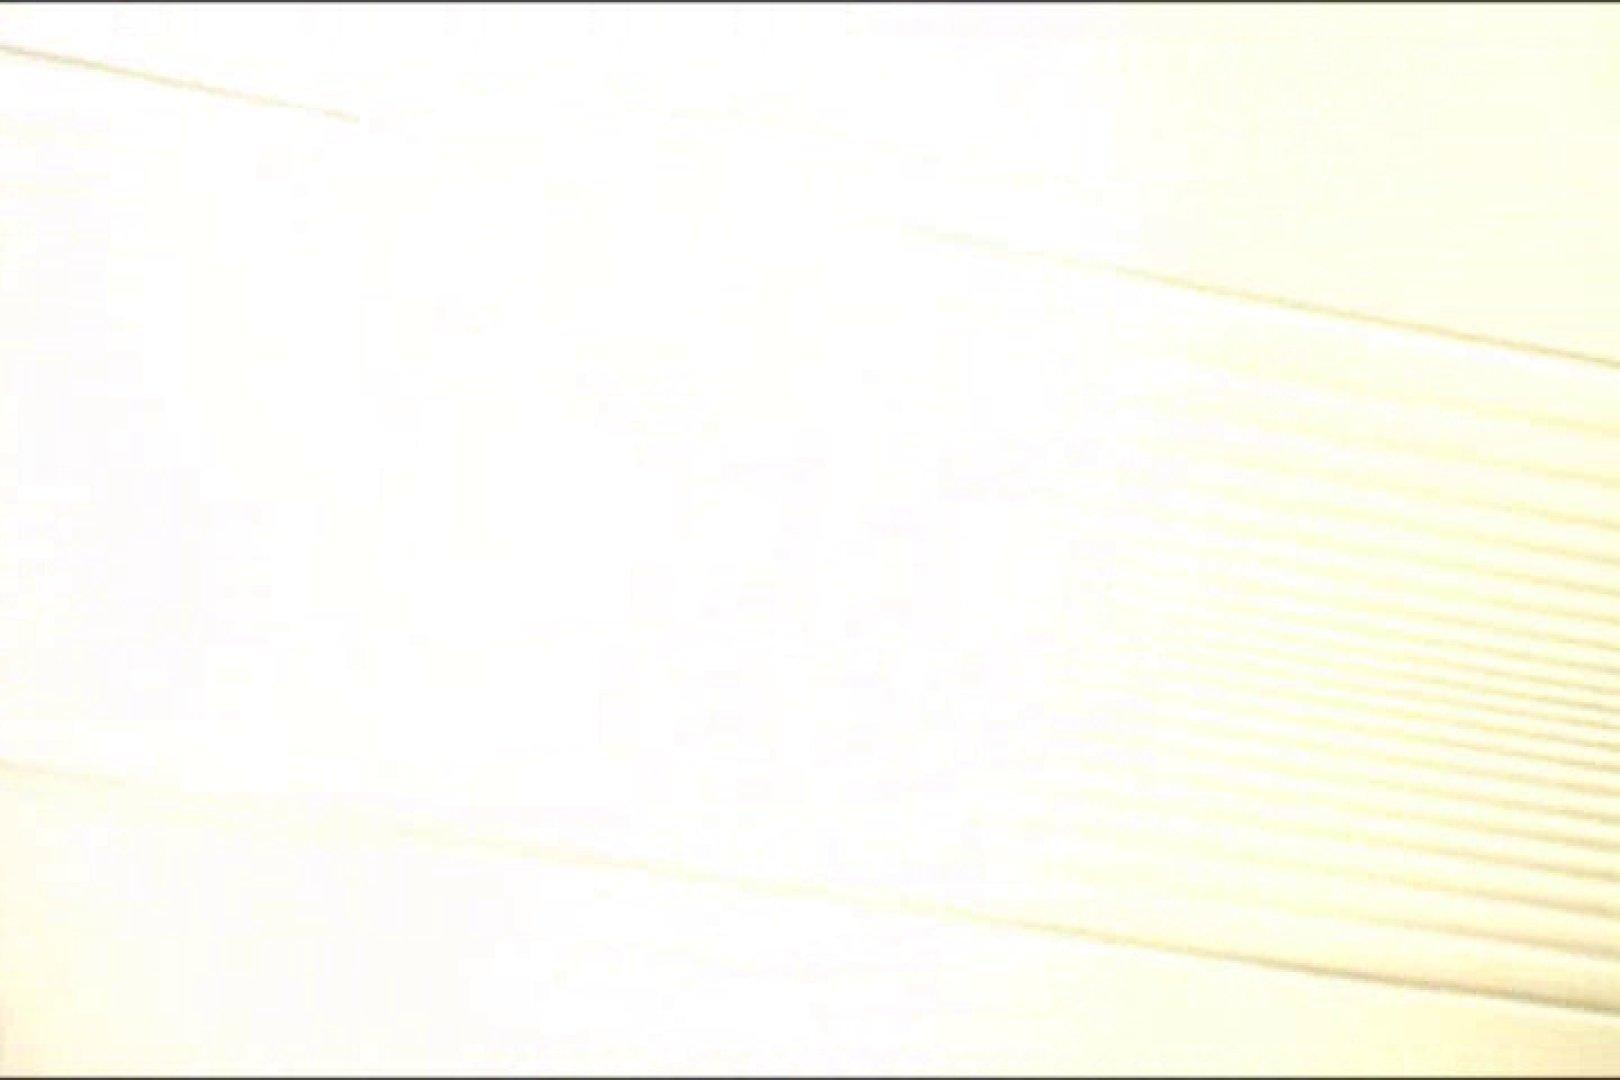 マンコ丸見え女子洗面所Vol.1 おまんこ | すけべなOL  97画像 17